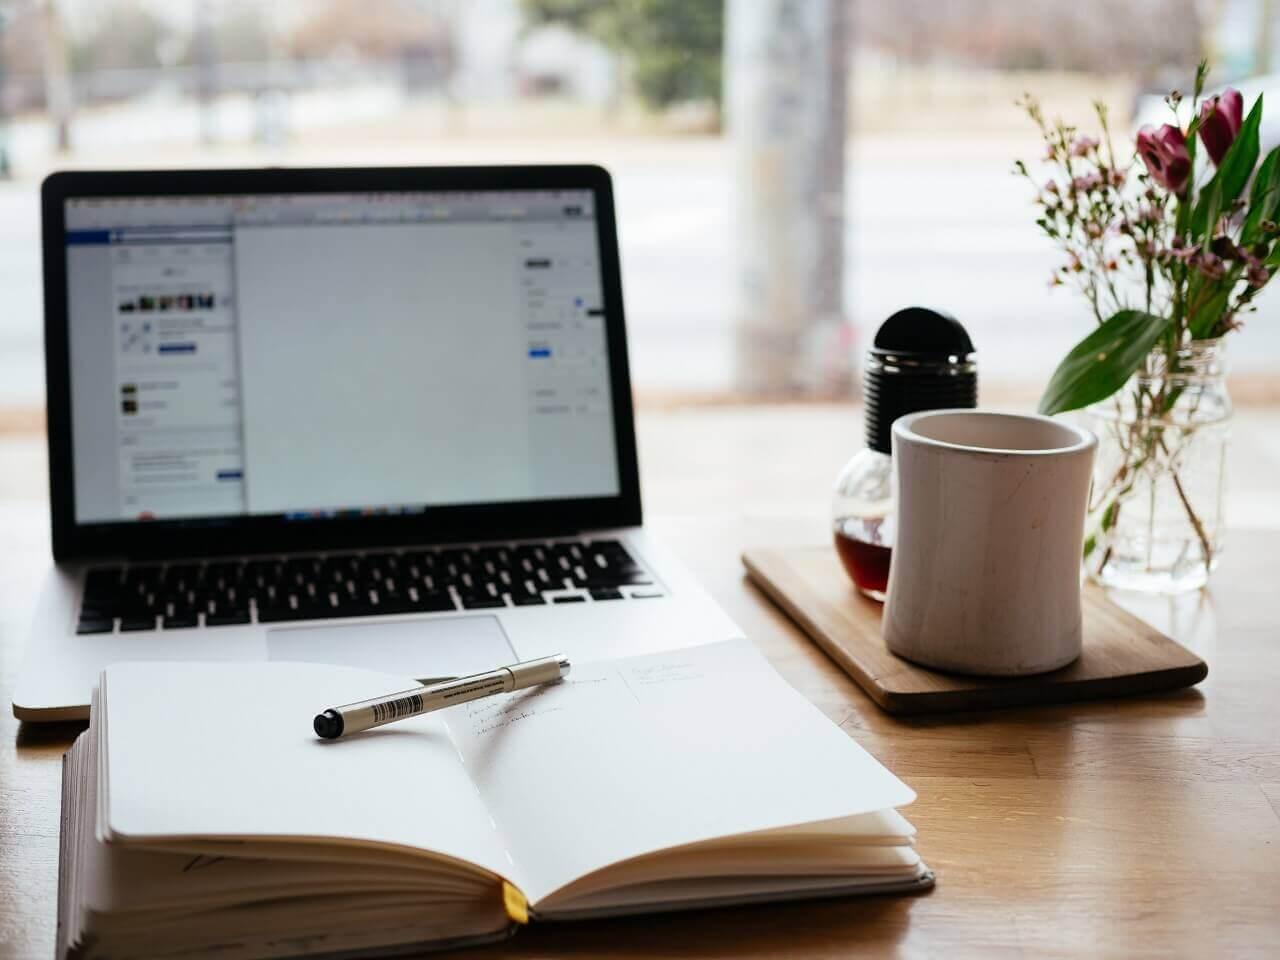 基本情報技術者 - IT関係者でなくてもしっかり勉強を続ければ十分合格は可能